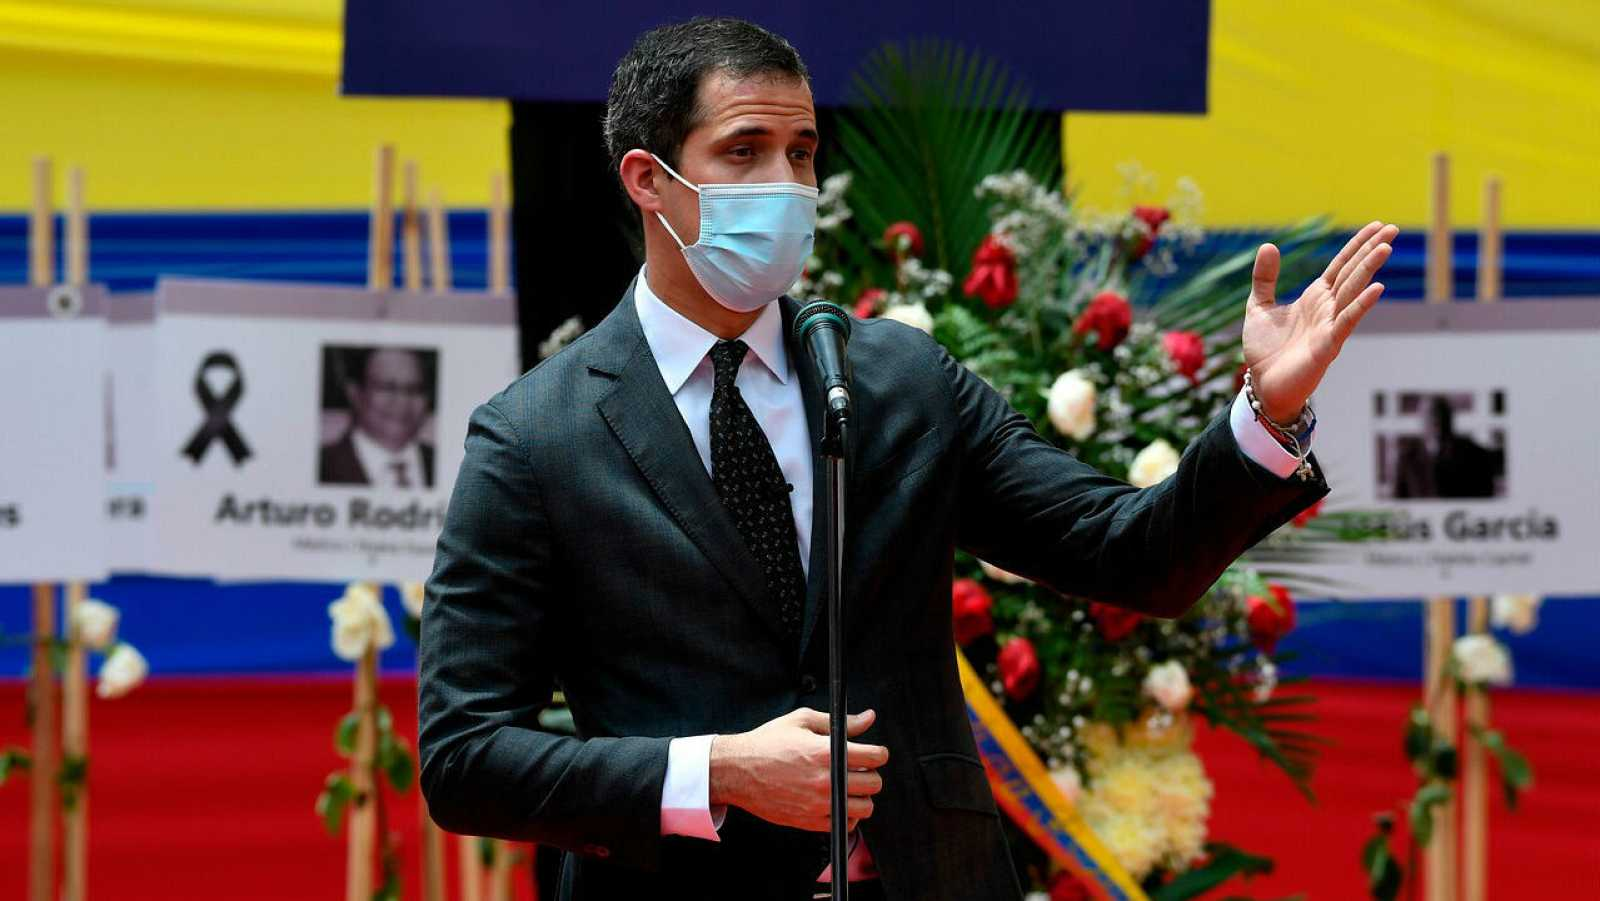 El líder venezolano, Juan Guaidó, con mascarilla, pronuncia un discurso en Caracas, Venezuela.